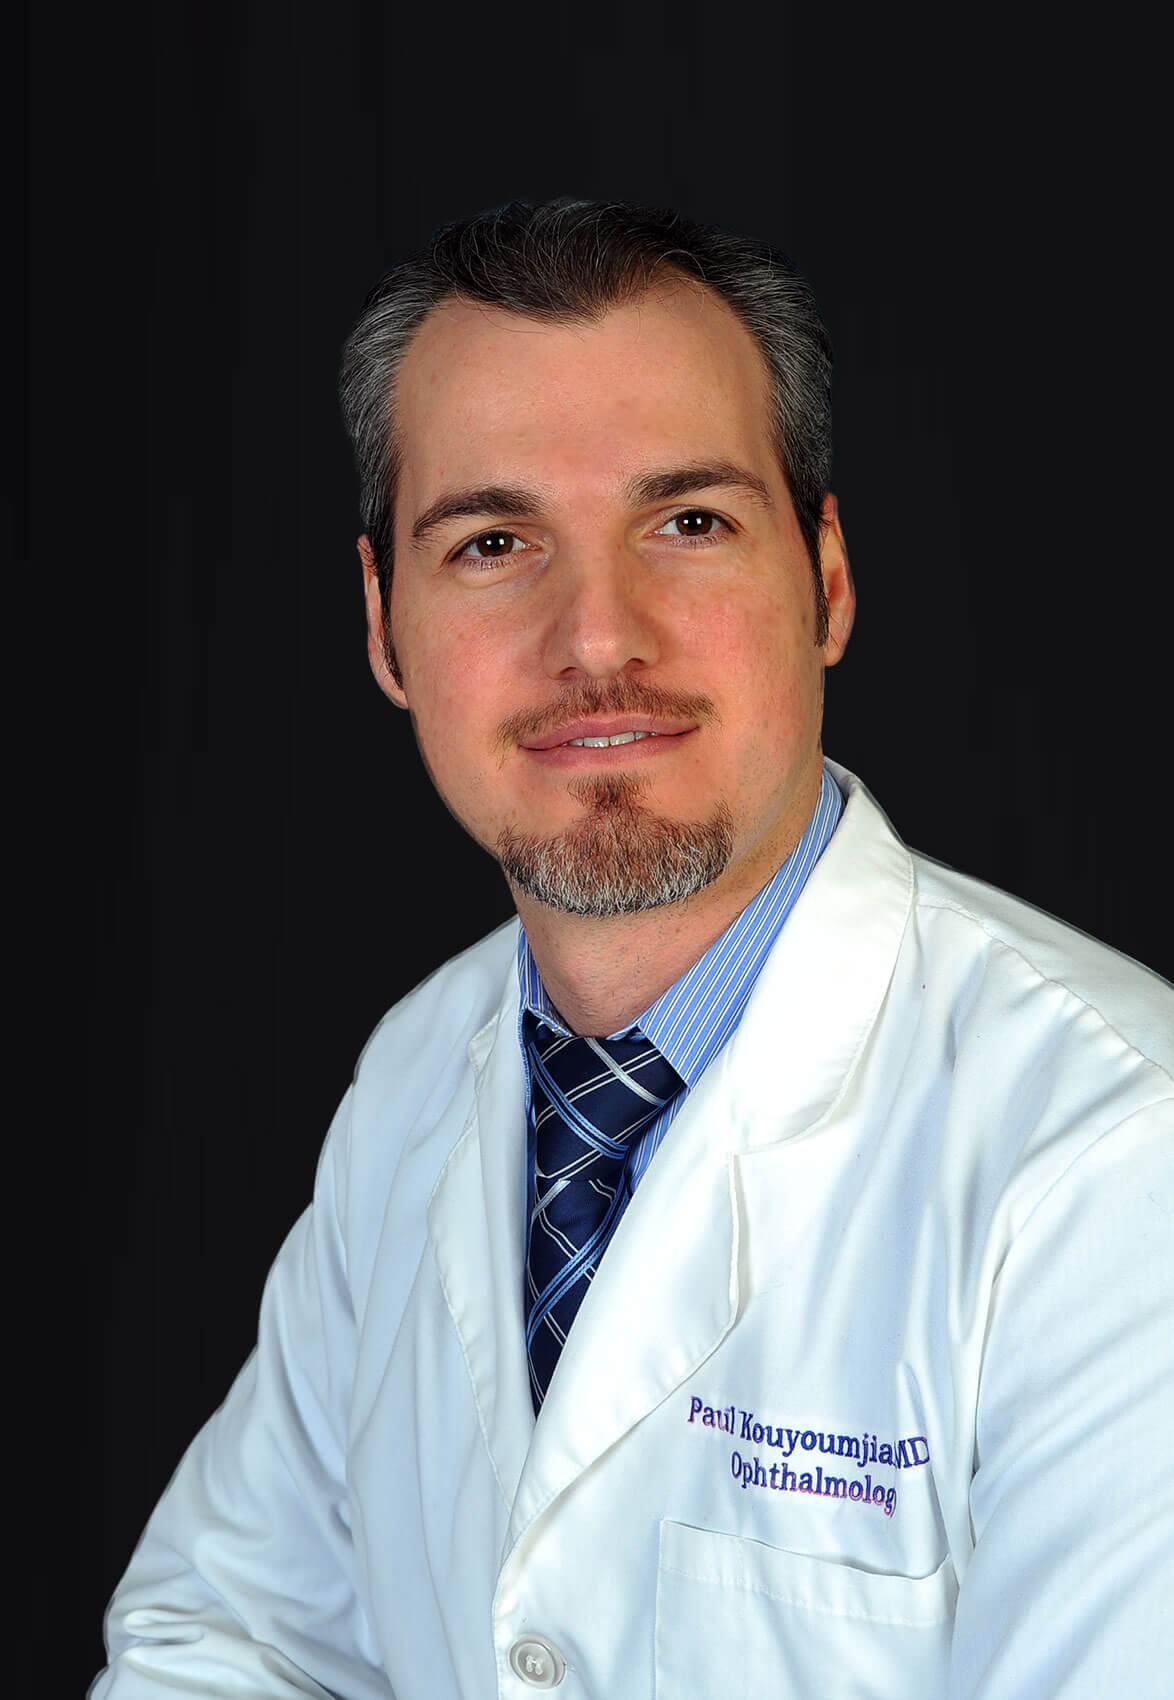 Paul B Kouyoumjian MD